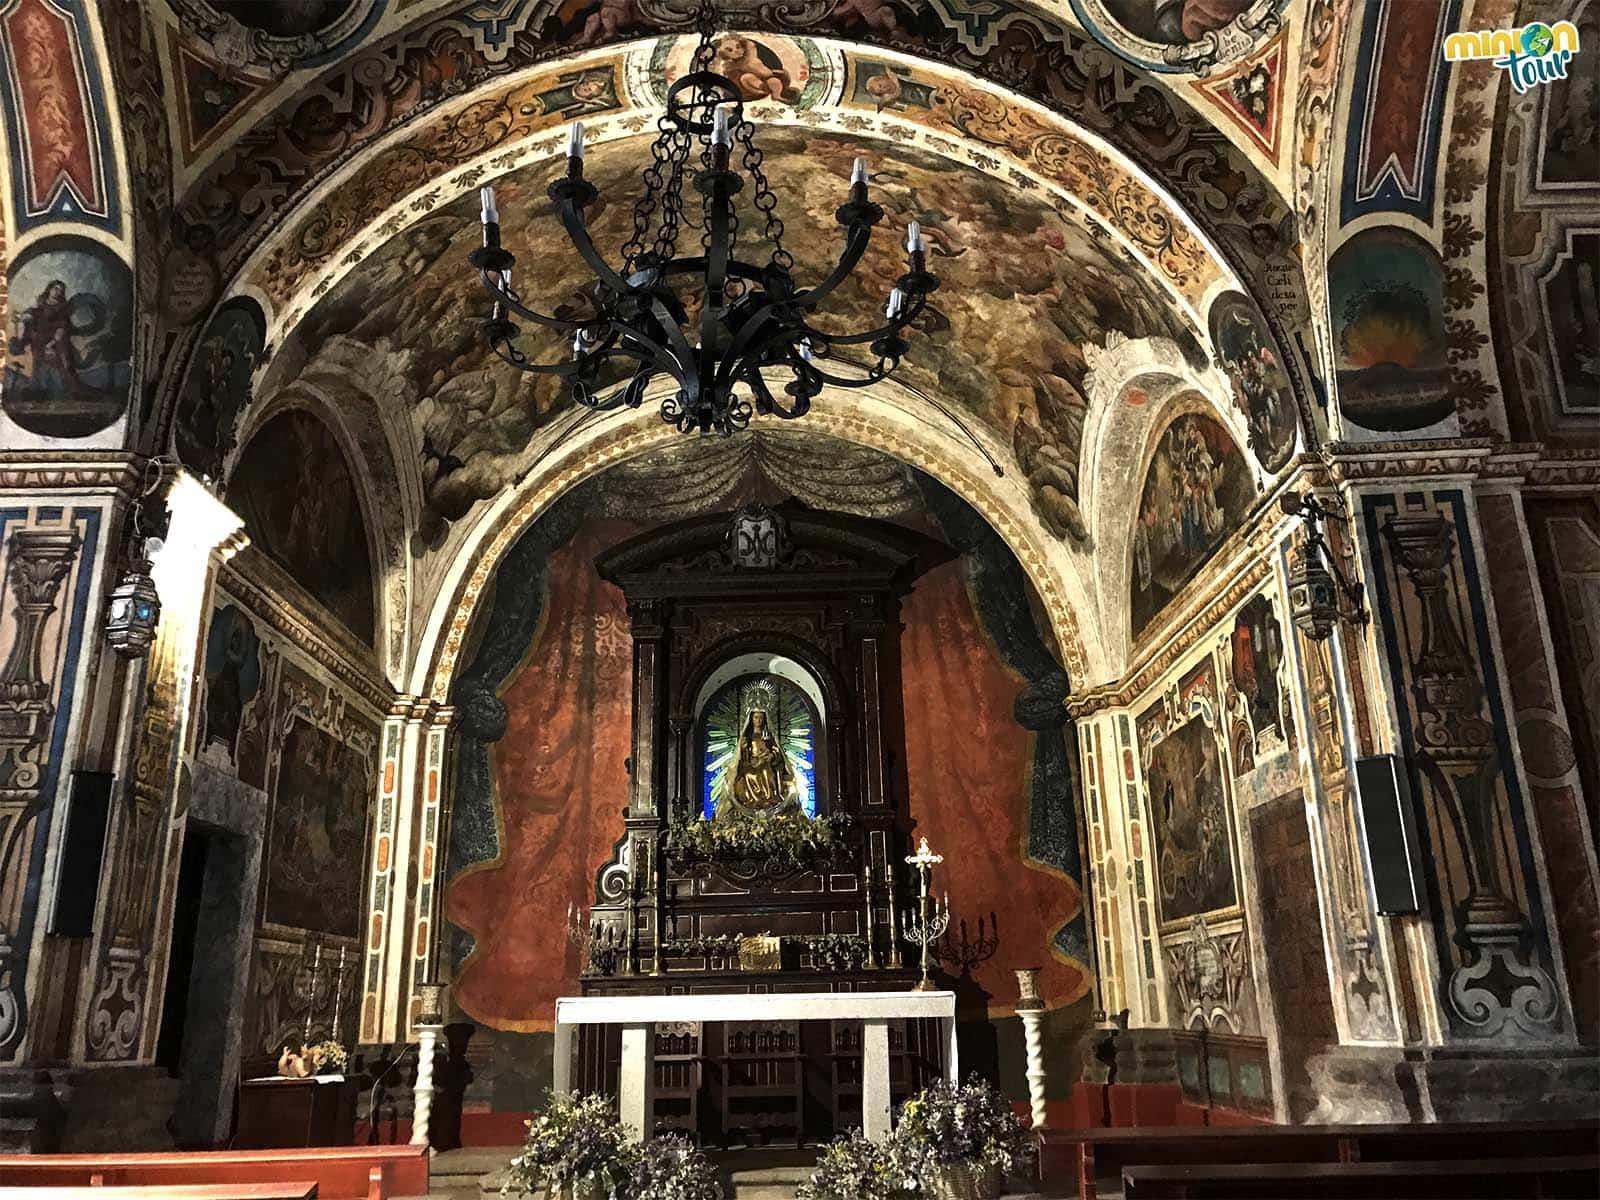 Las pinturas murales del Santuario de Nuestra Señora de Belén son una maravilla